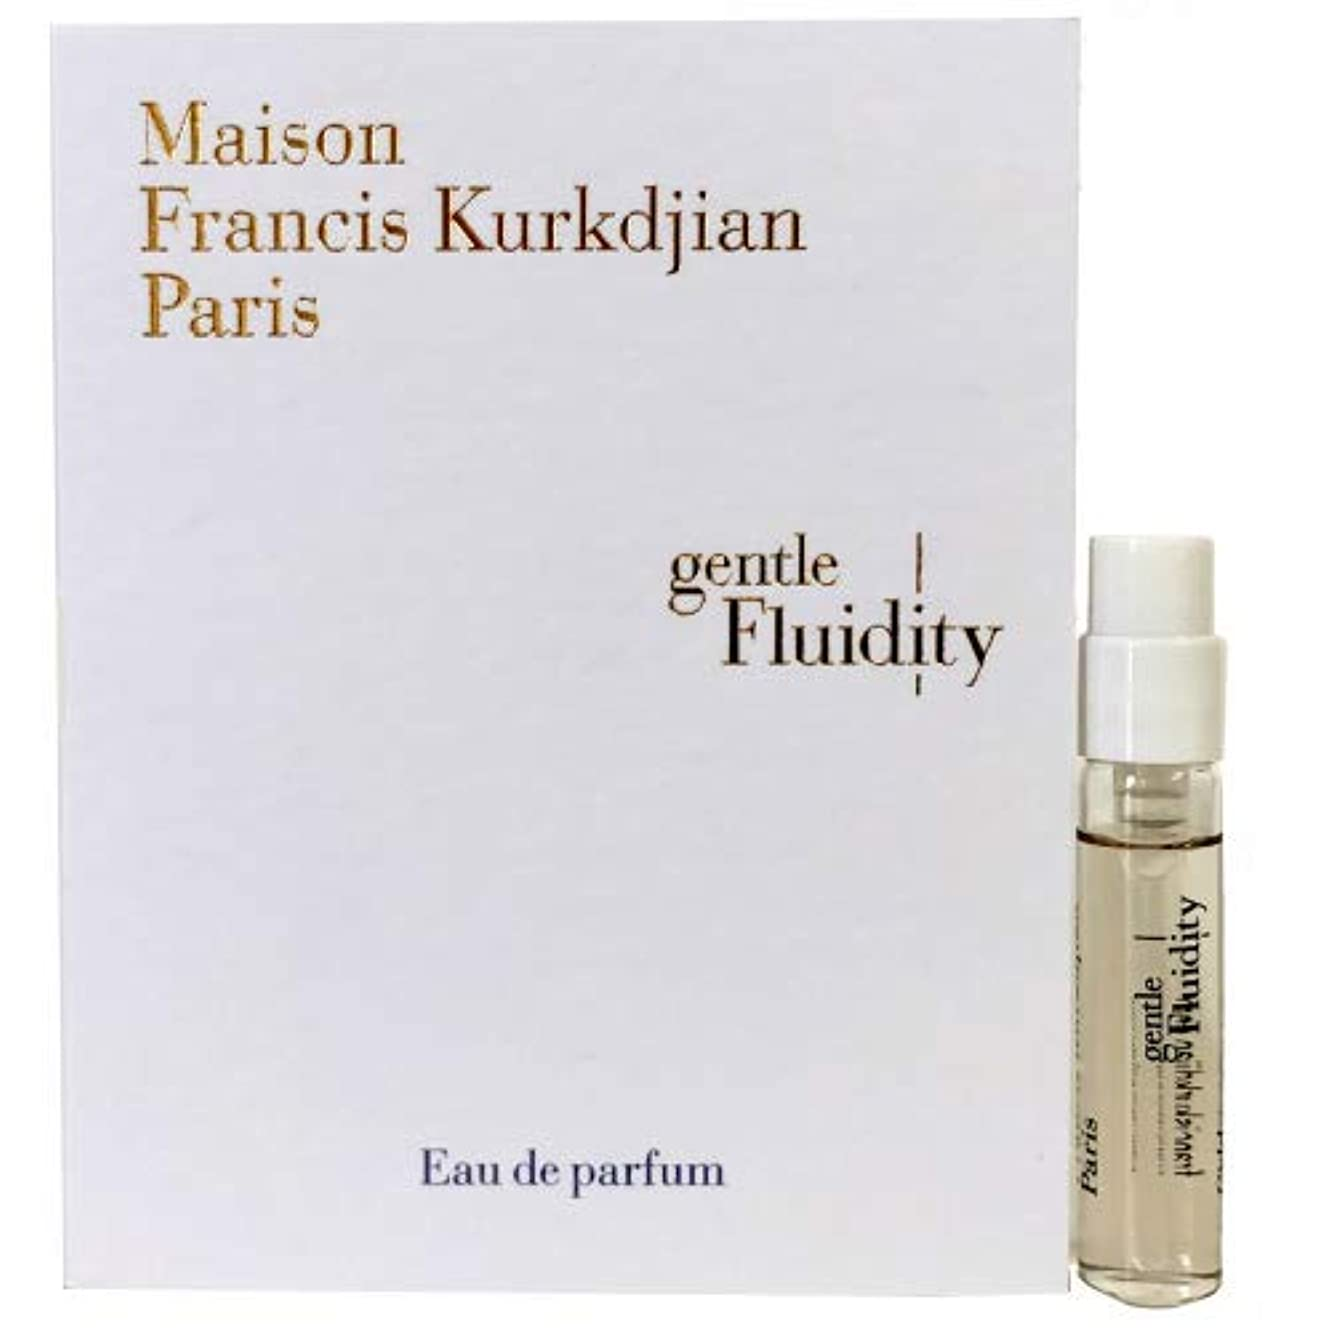 コウモリモック道を作るメゾン フランシス クルジャン ジェントル フルーイディティ ゴールド オードパルファン 2ml(Maison Francis Kurkdjian Gentle fluidity Gold EDP Vial Sample...